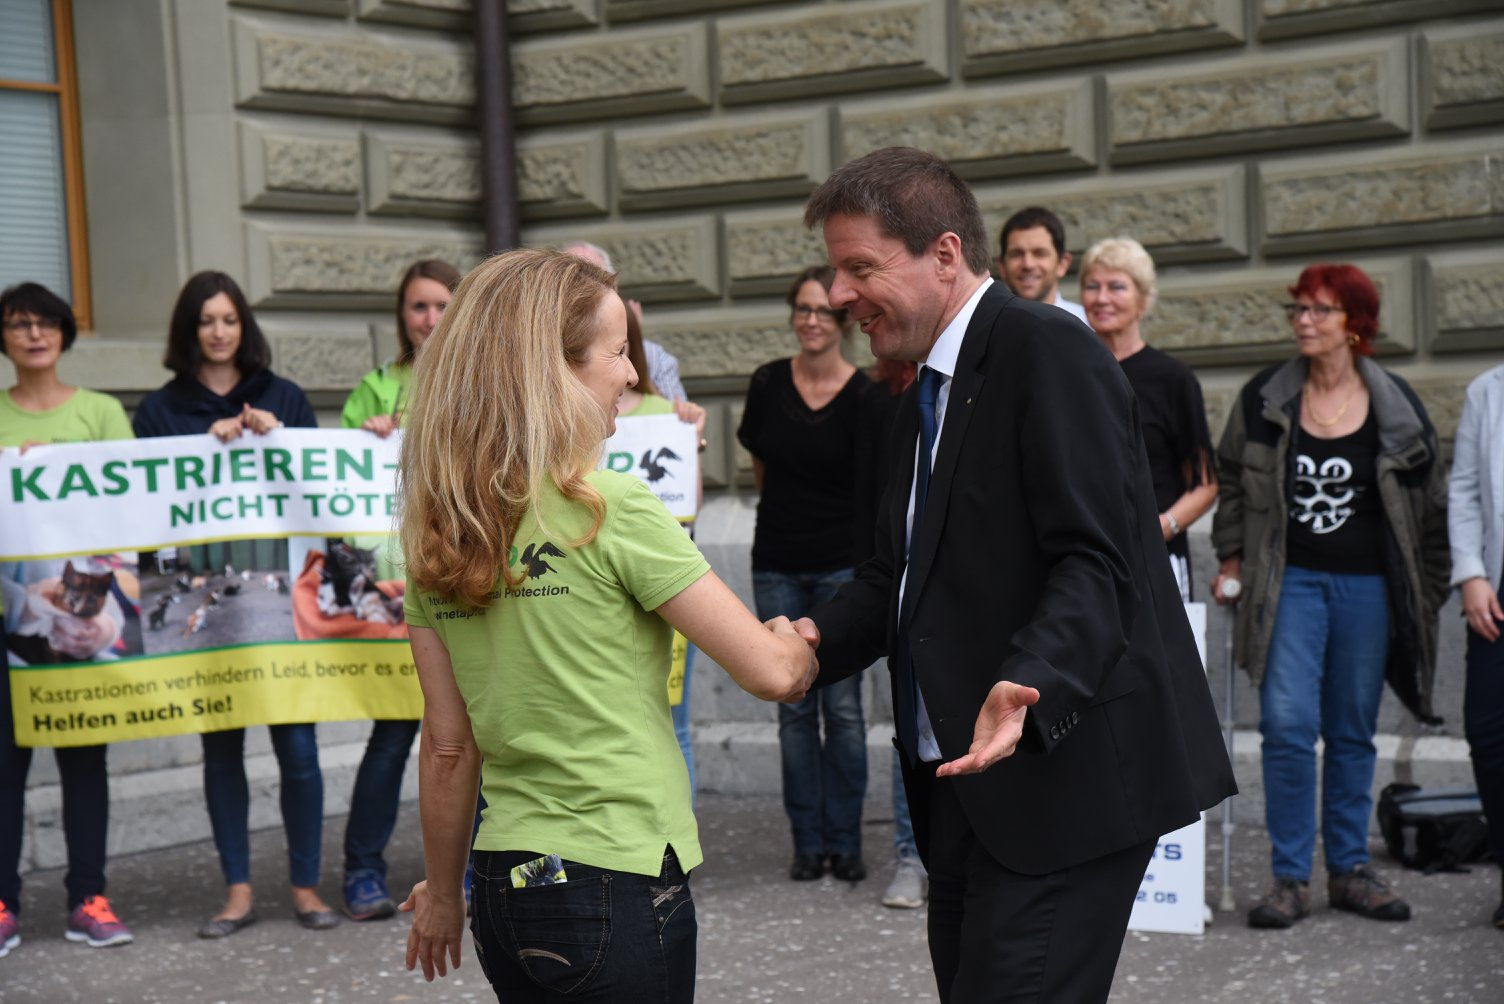 Présidente de NetAPP, Esther Geisser et Prominenter Unterstützer aus dem Parlament: Martin Bäumle, Nationalrat GLP Zürich